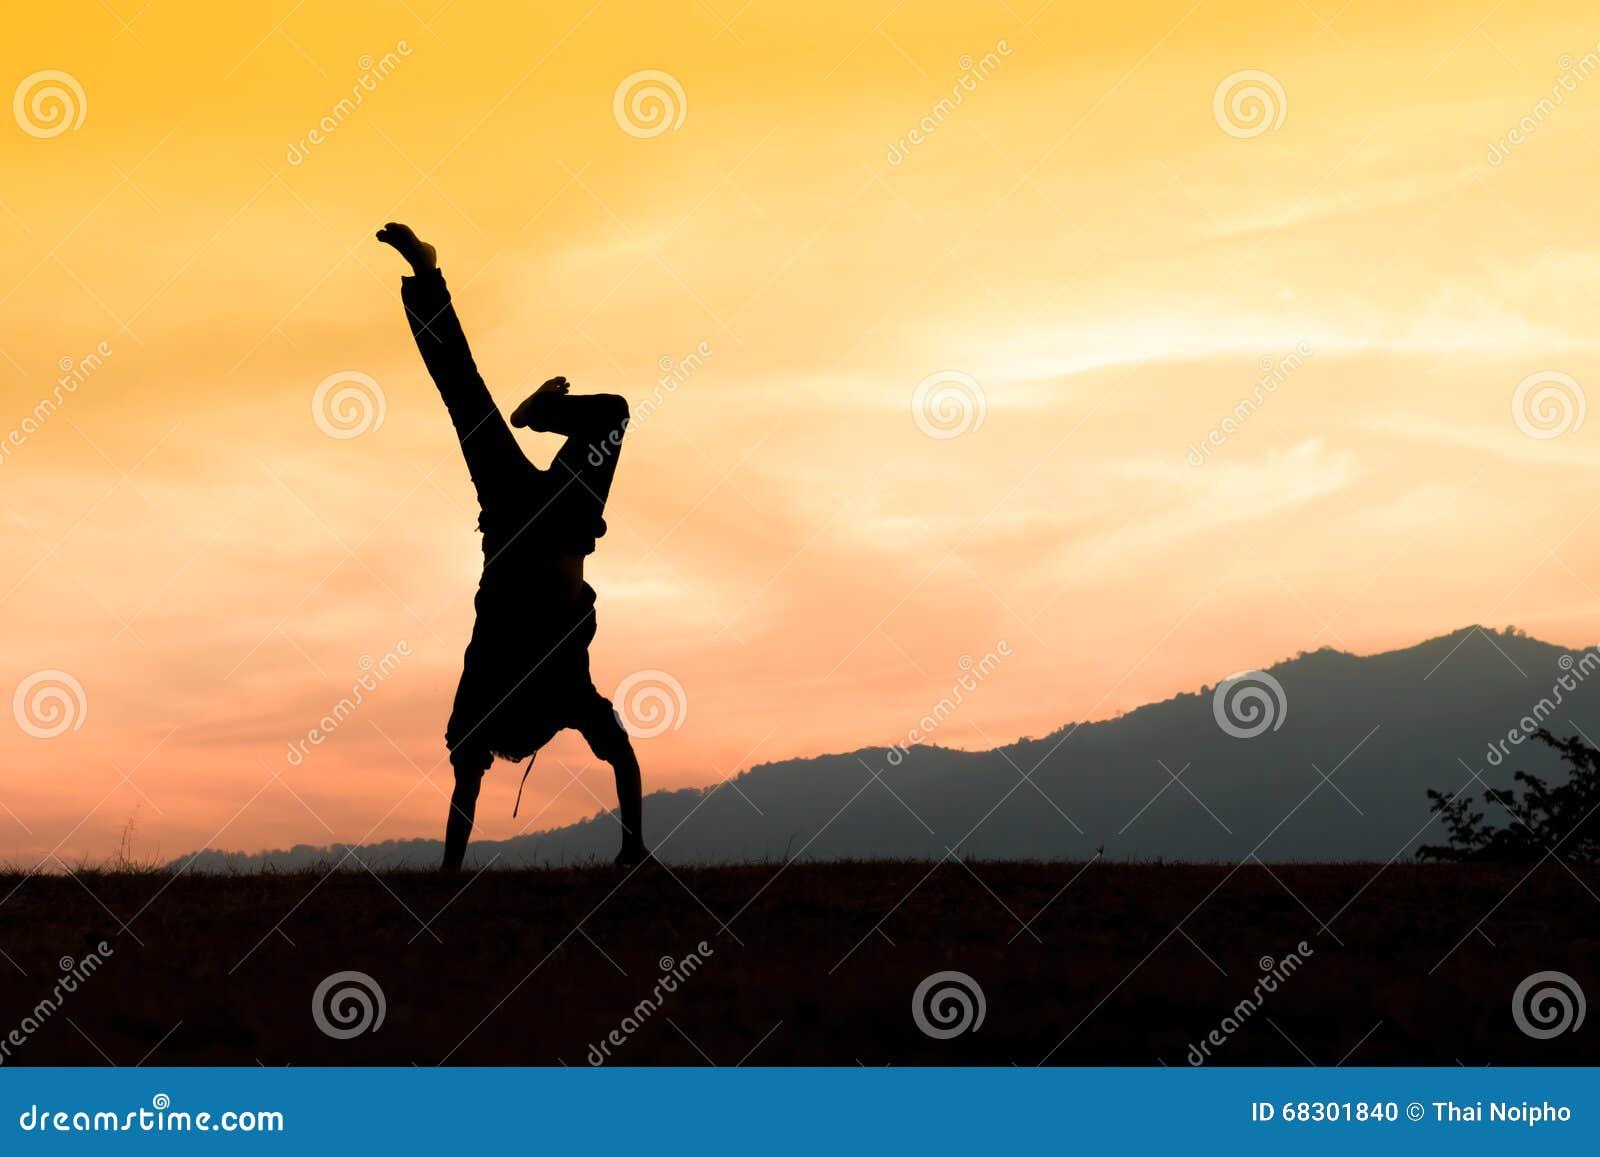 Siluetta di giovane uomo acrobatico che sta sulle mani